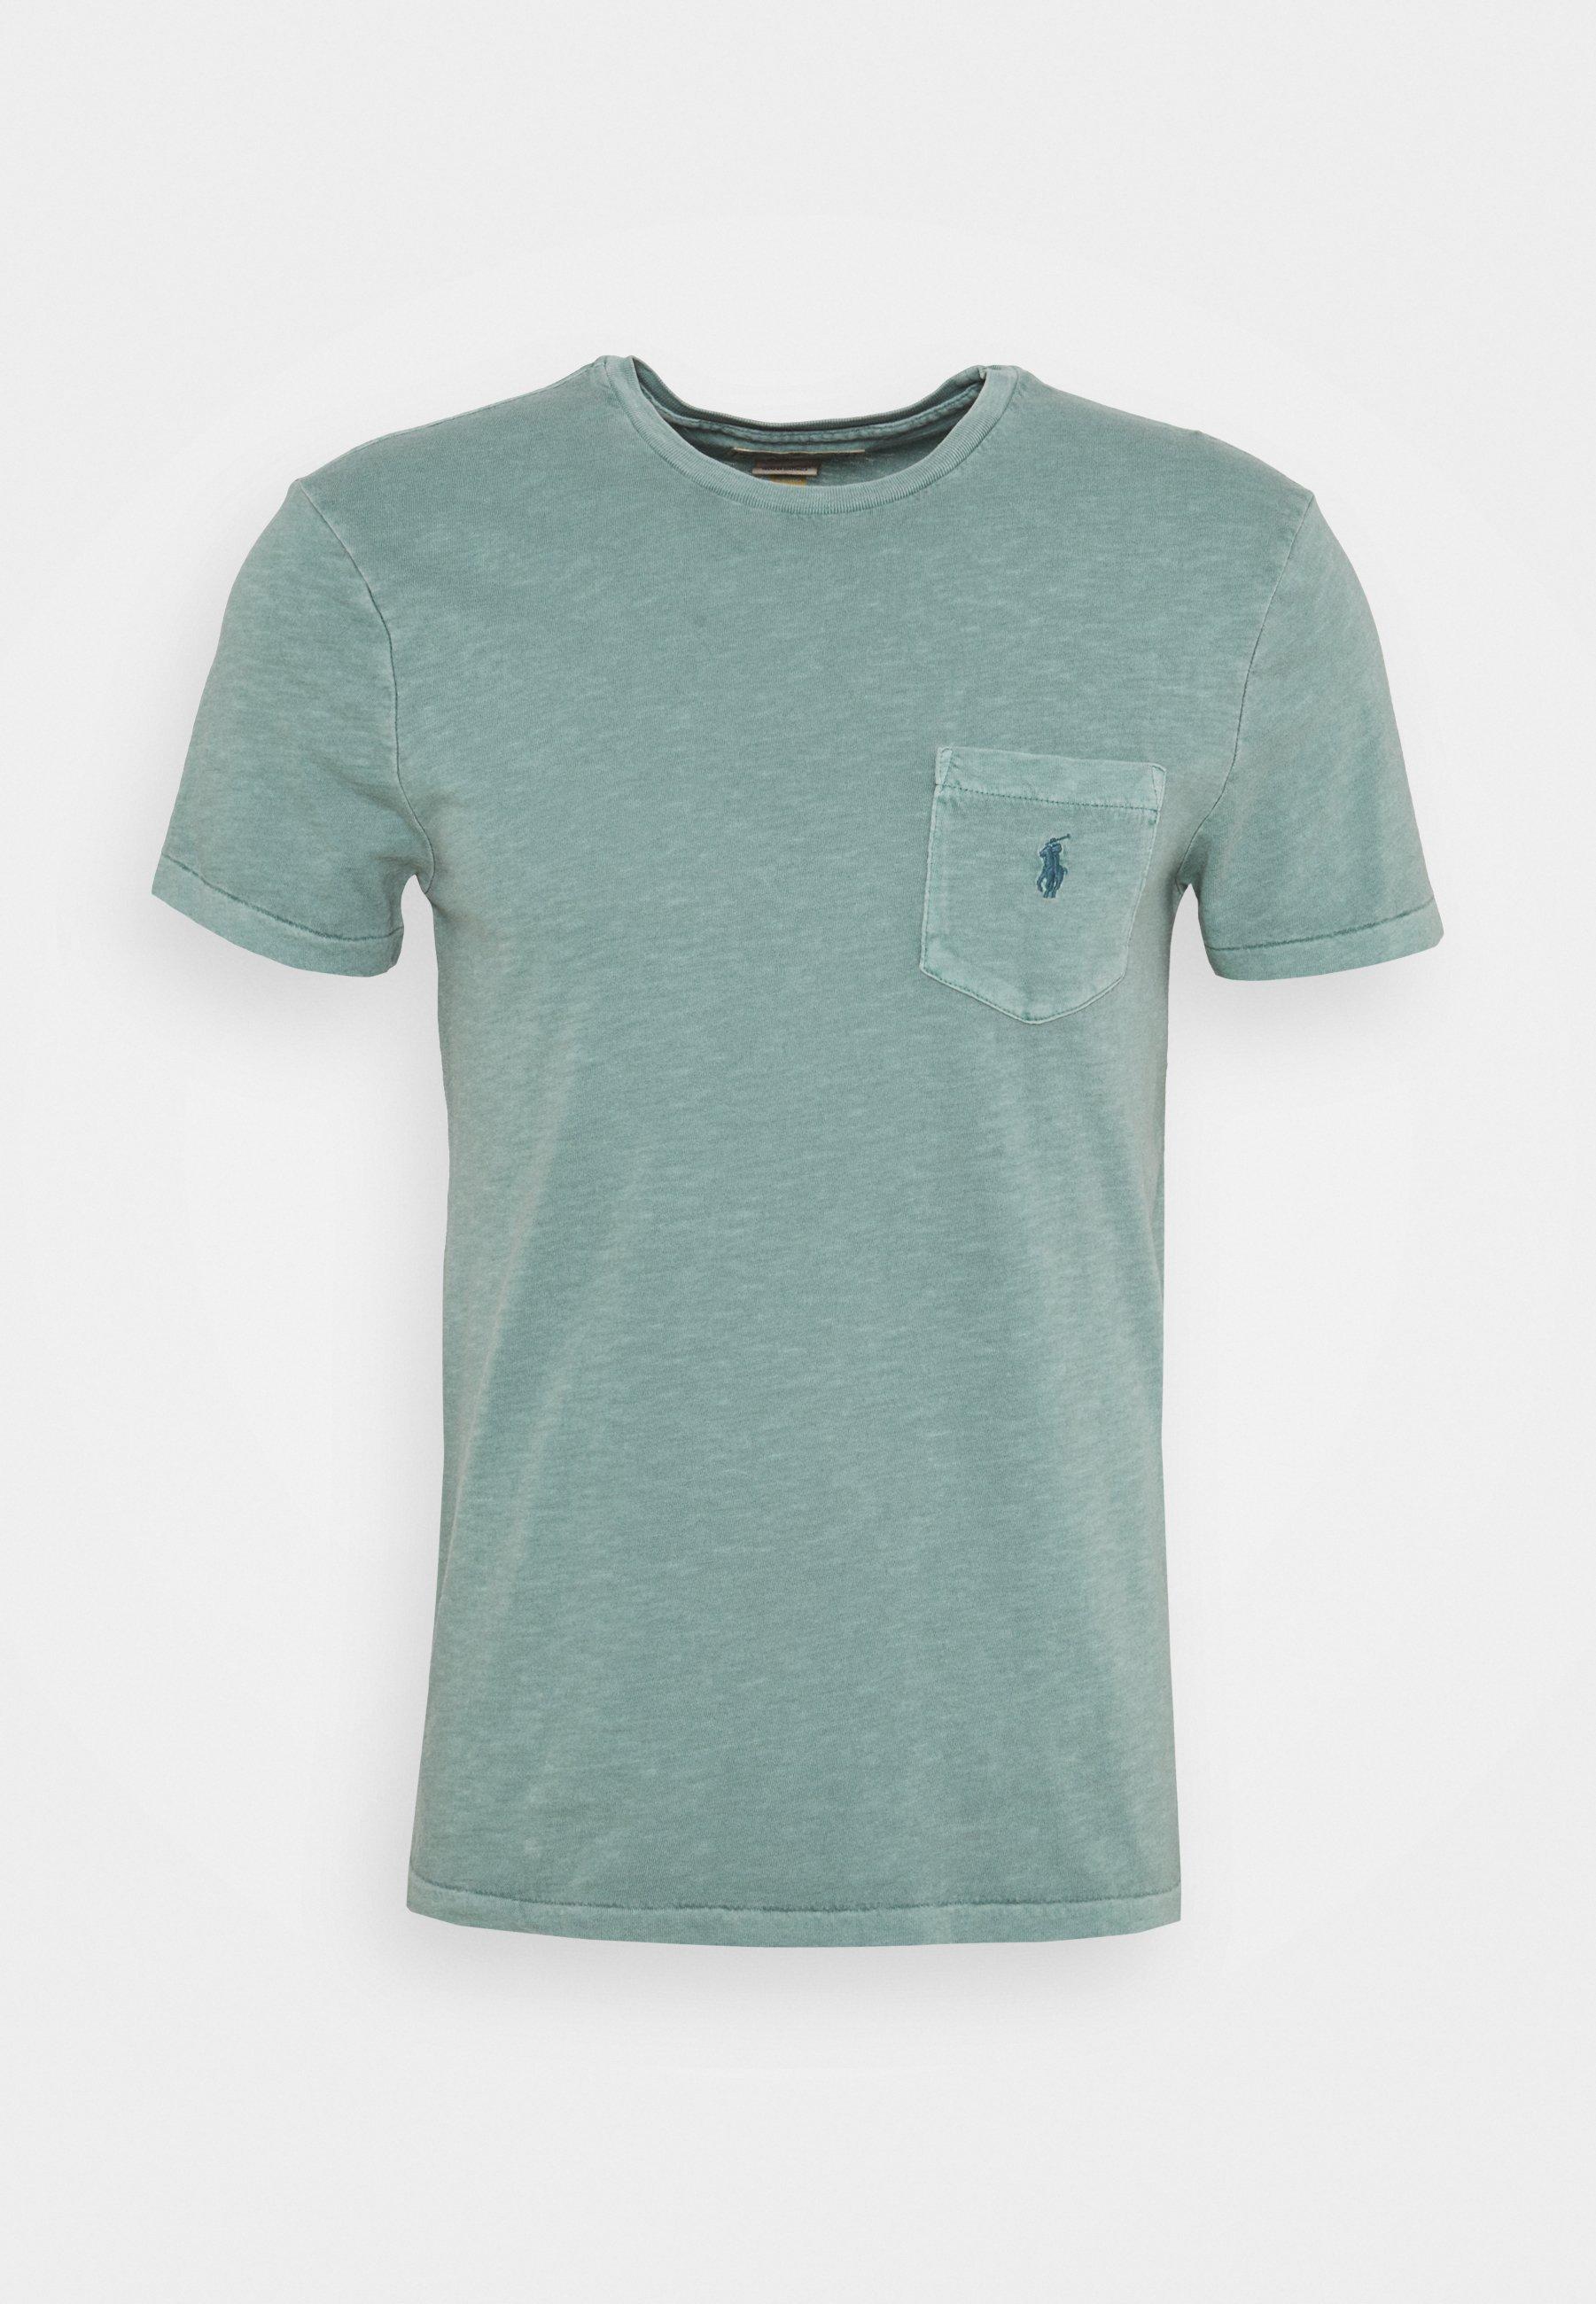 Men CUSTOM SLIM FIT POCKET T-SHIRT - Basic T-shirt